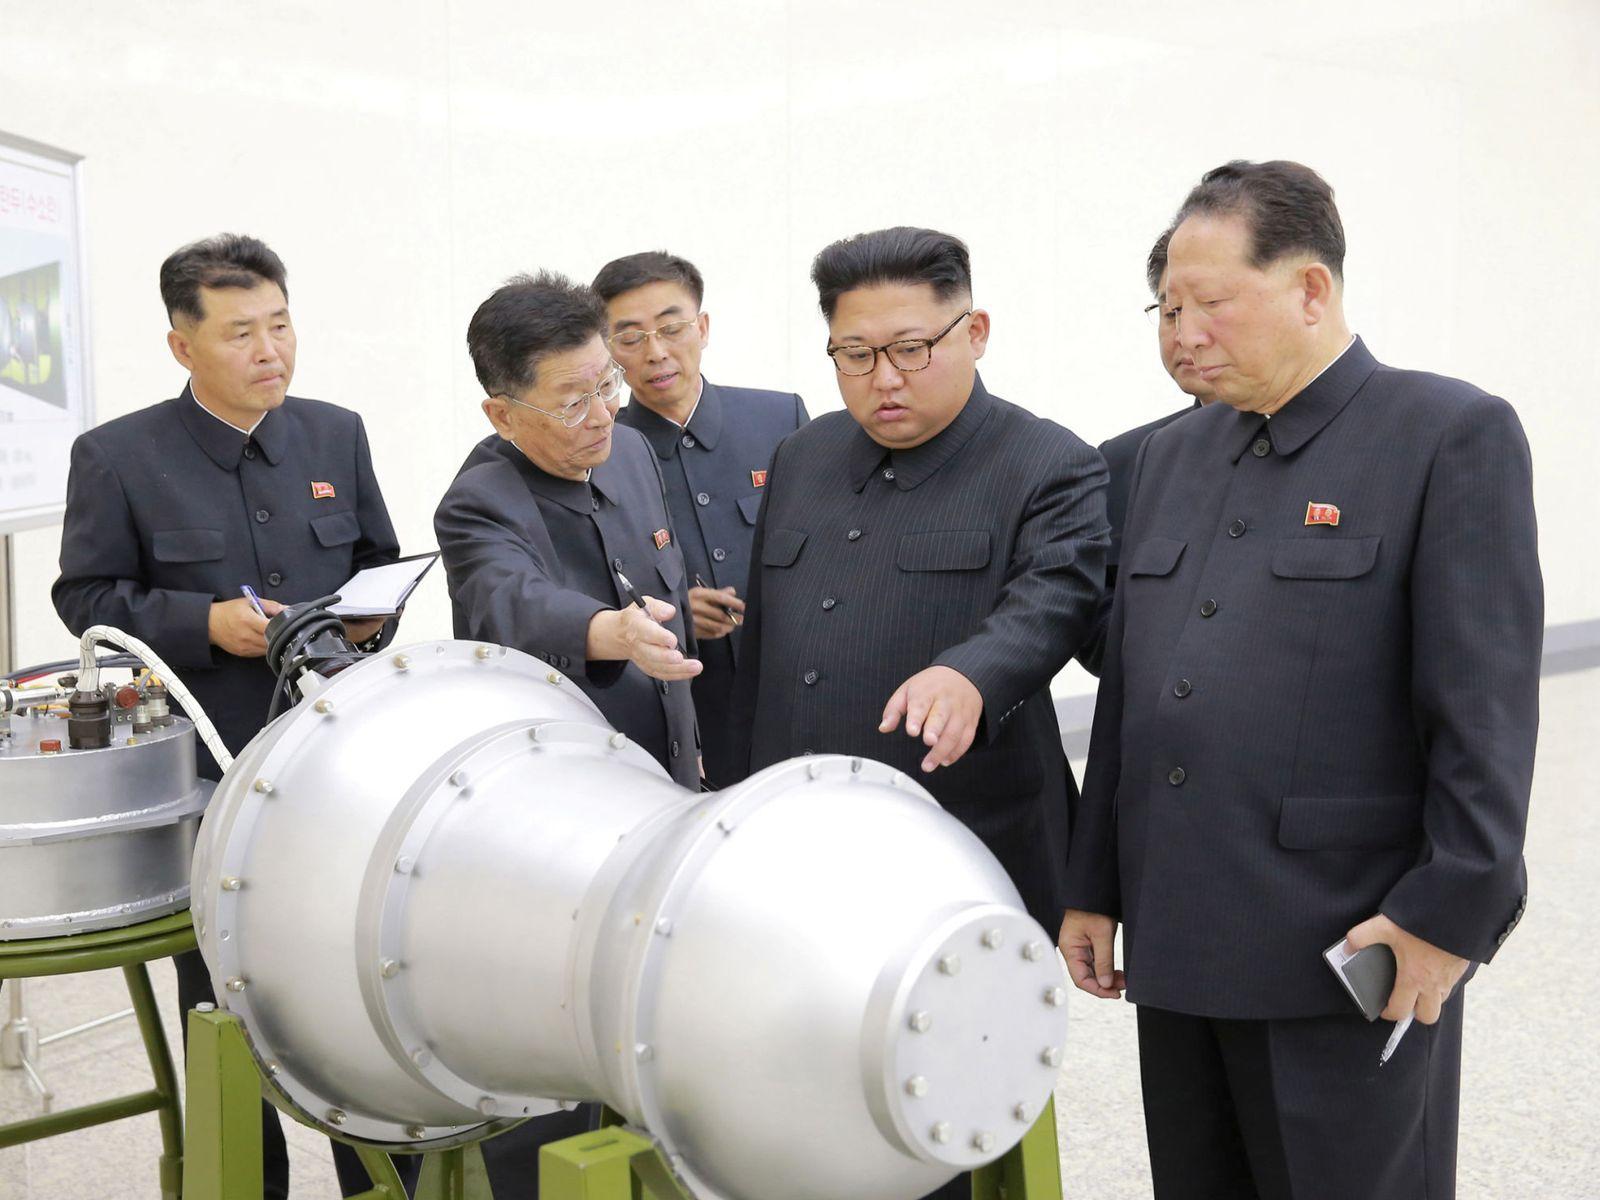 Встреча Ким Чен Ына и Дональда Трампа состоится 12 июня в Сингапуре